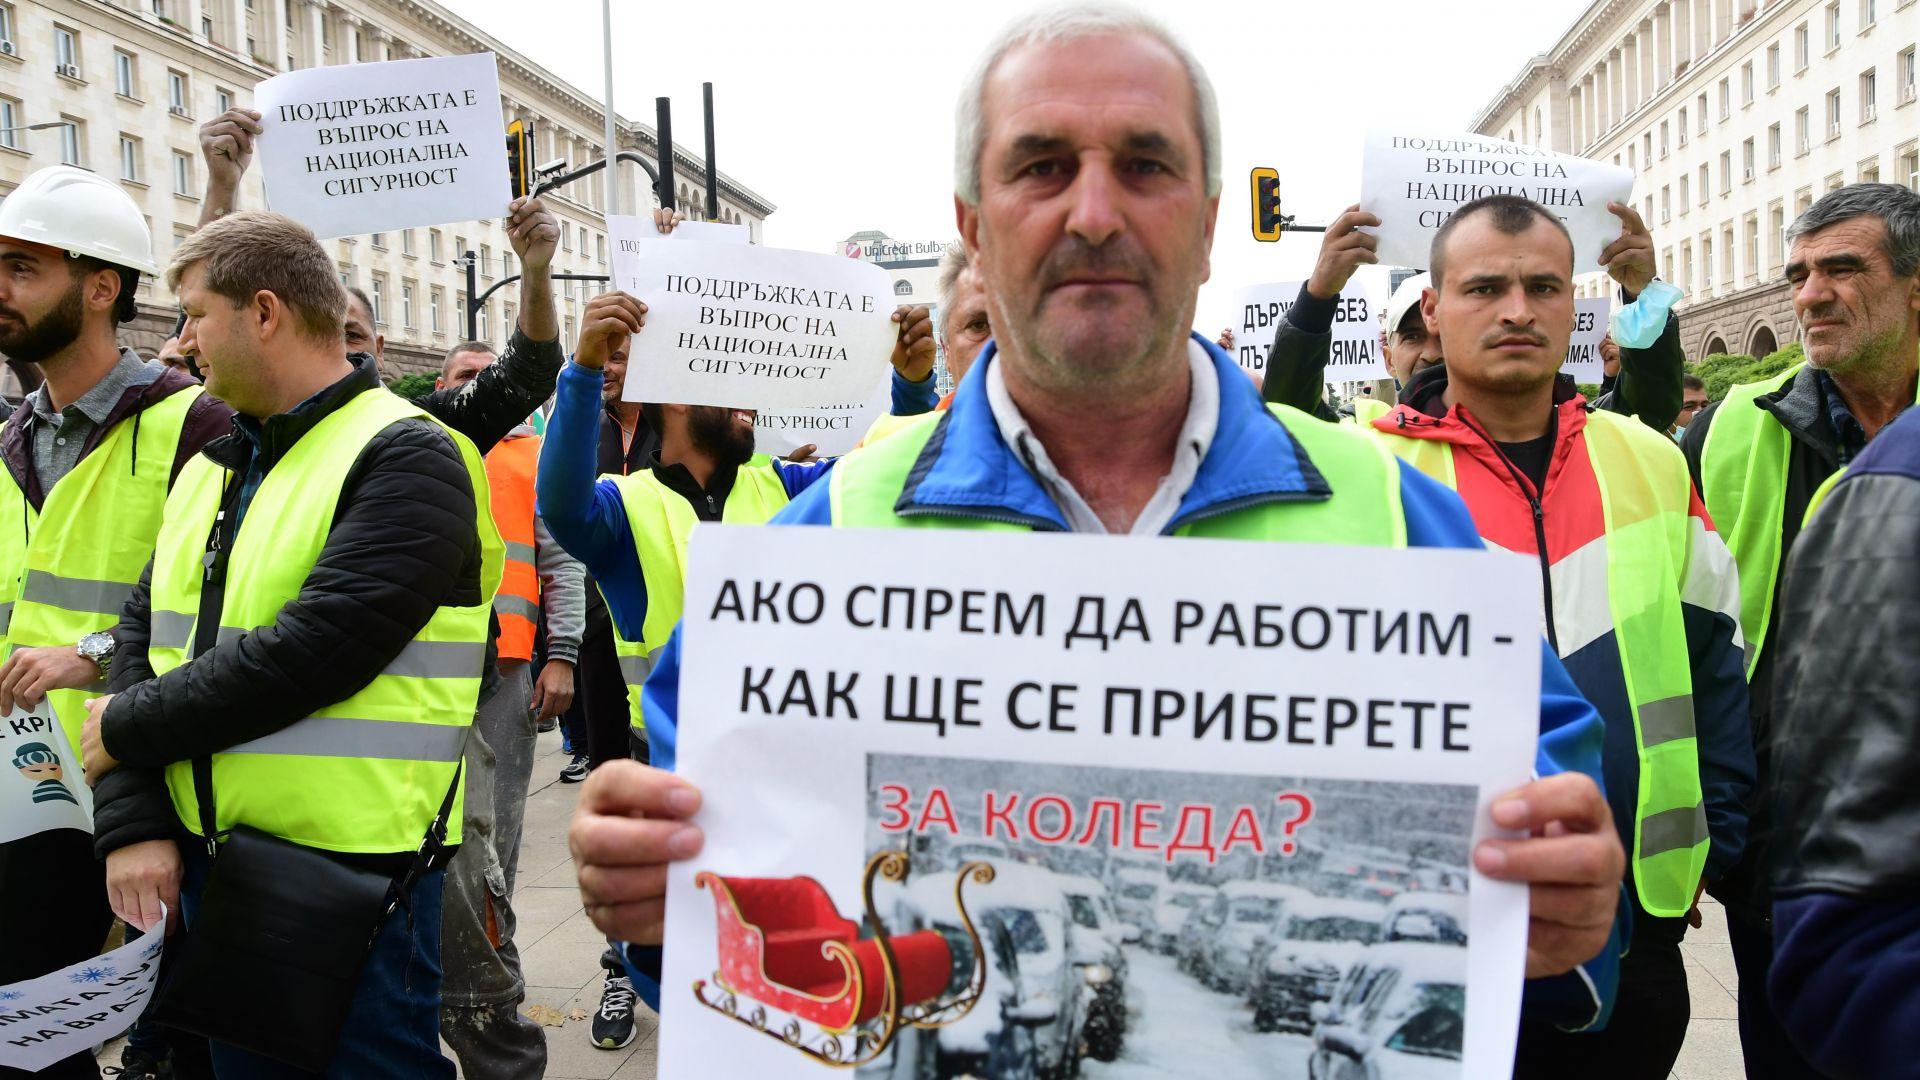 Строители блокираха ключови пътища в страната, дойдоха и пред МС (снимки и видео)